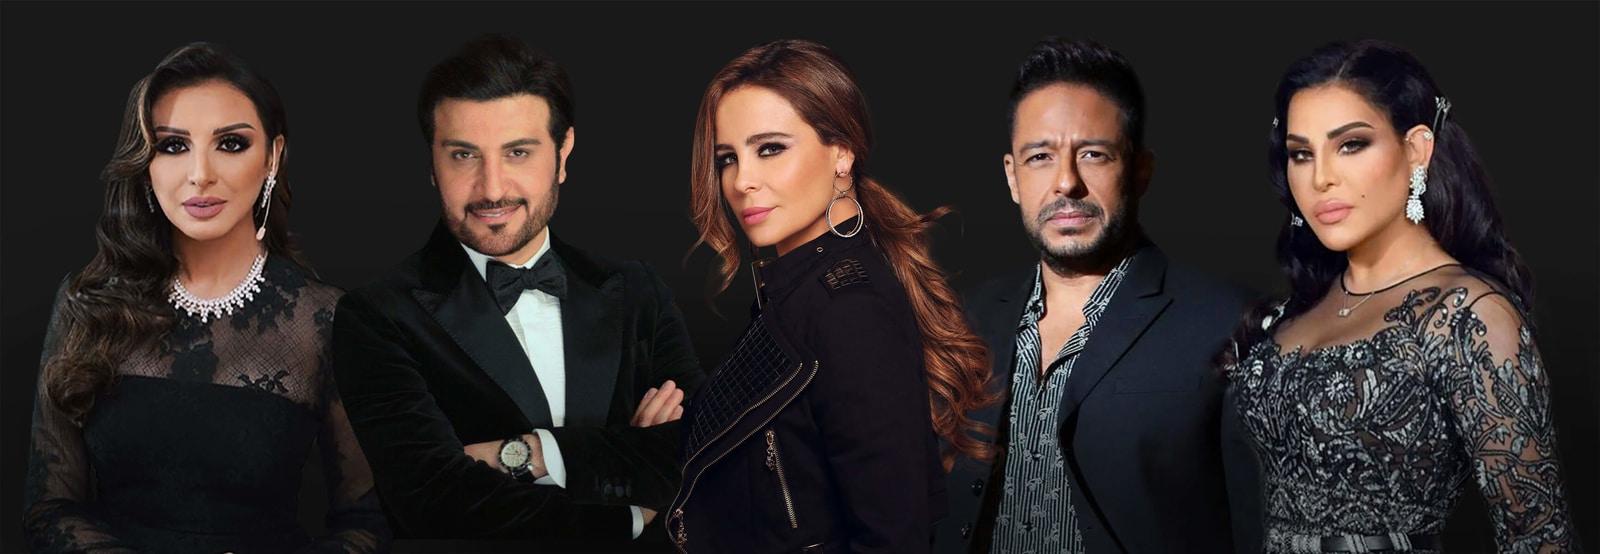 قائمة فوربس الشرق الأوسط : المشاهير نجوم الموسيقى العرب 2021